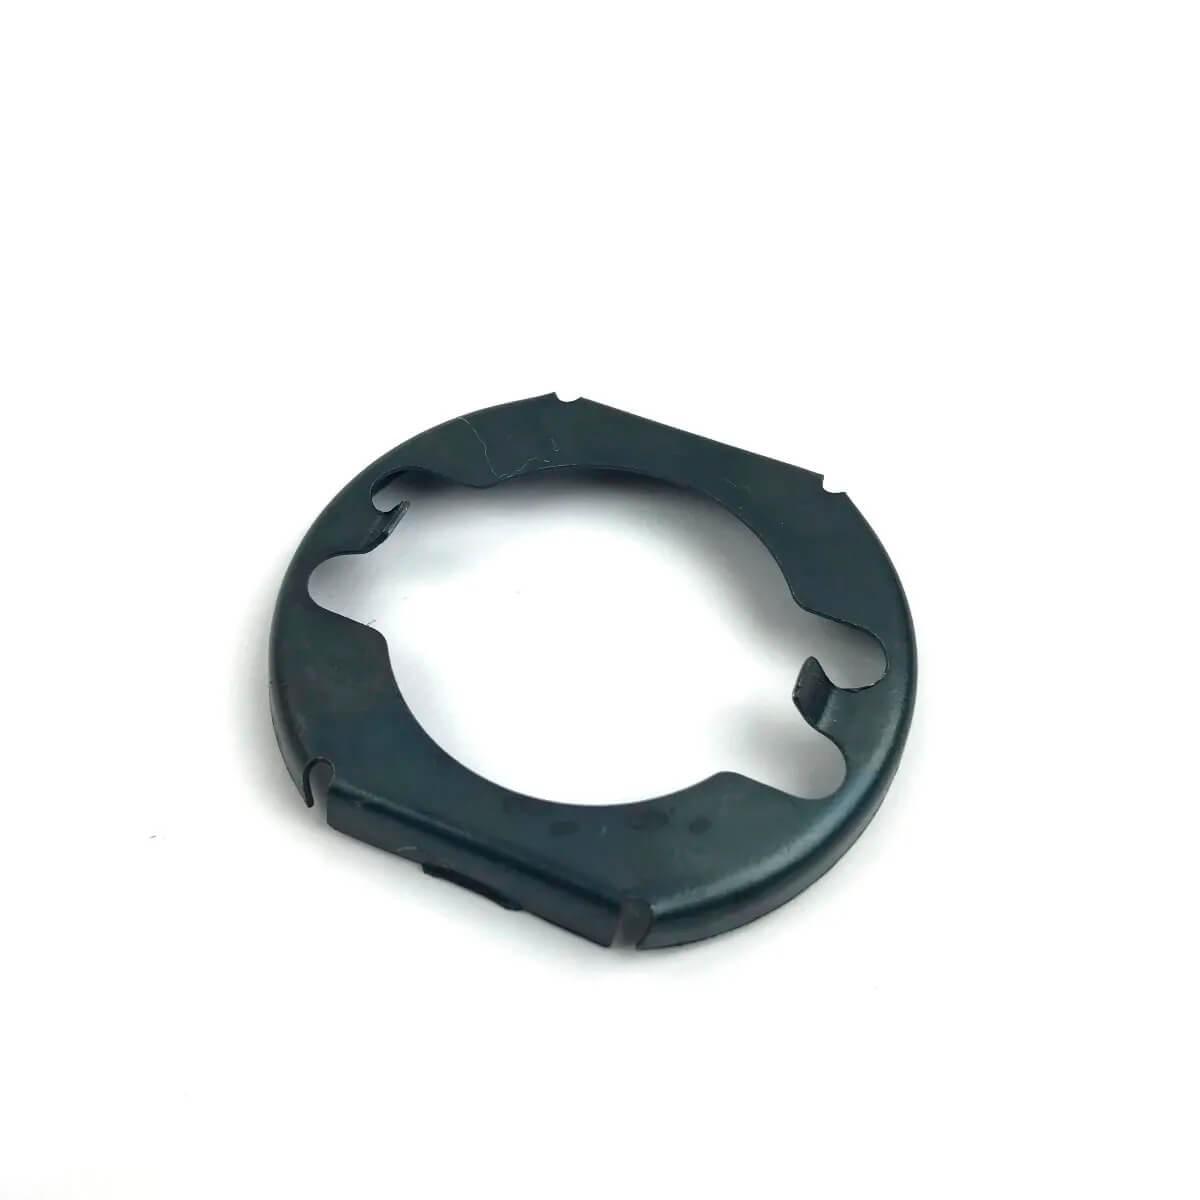 Kit Arruela Engaste Rolamento Lavadora Electrolux - 20un - 61290897